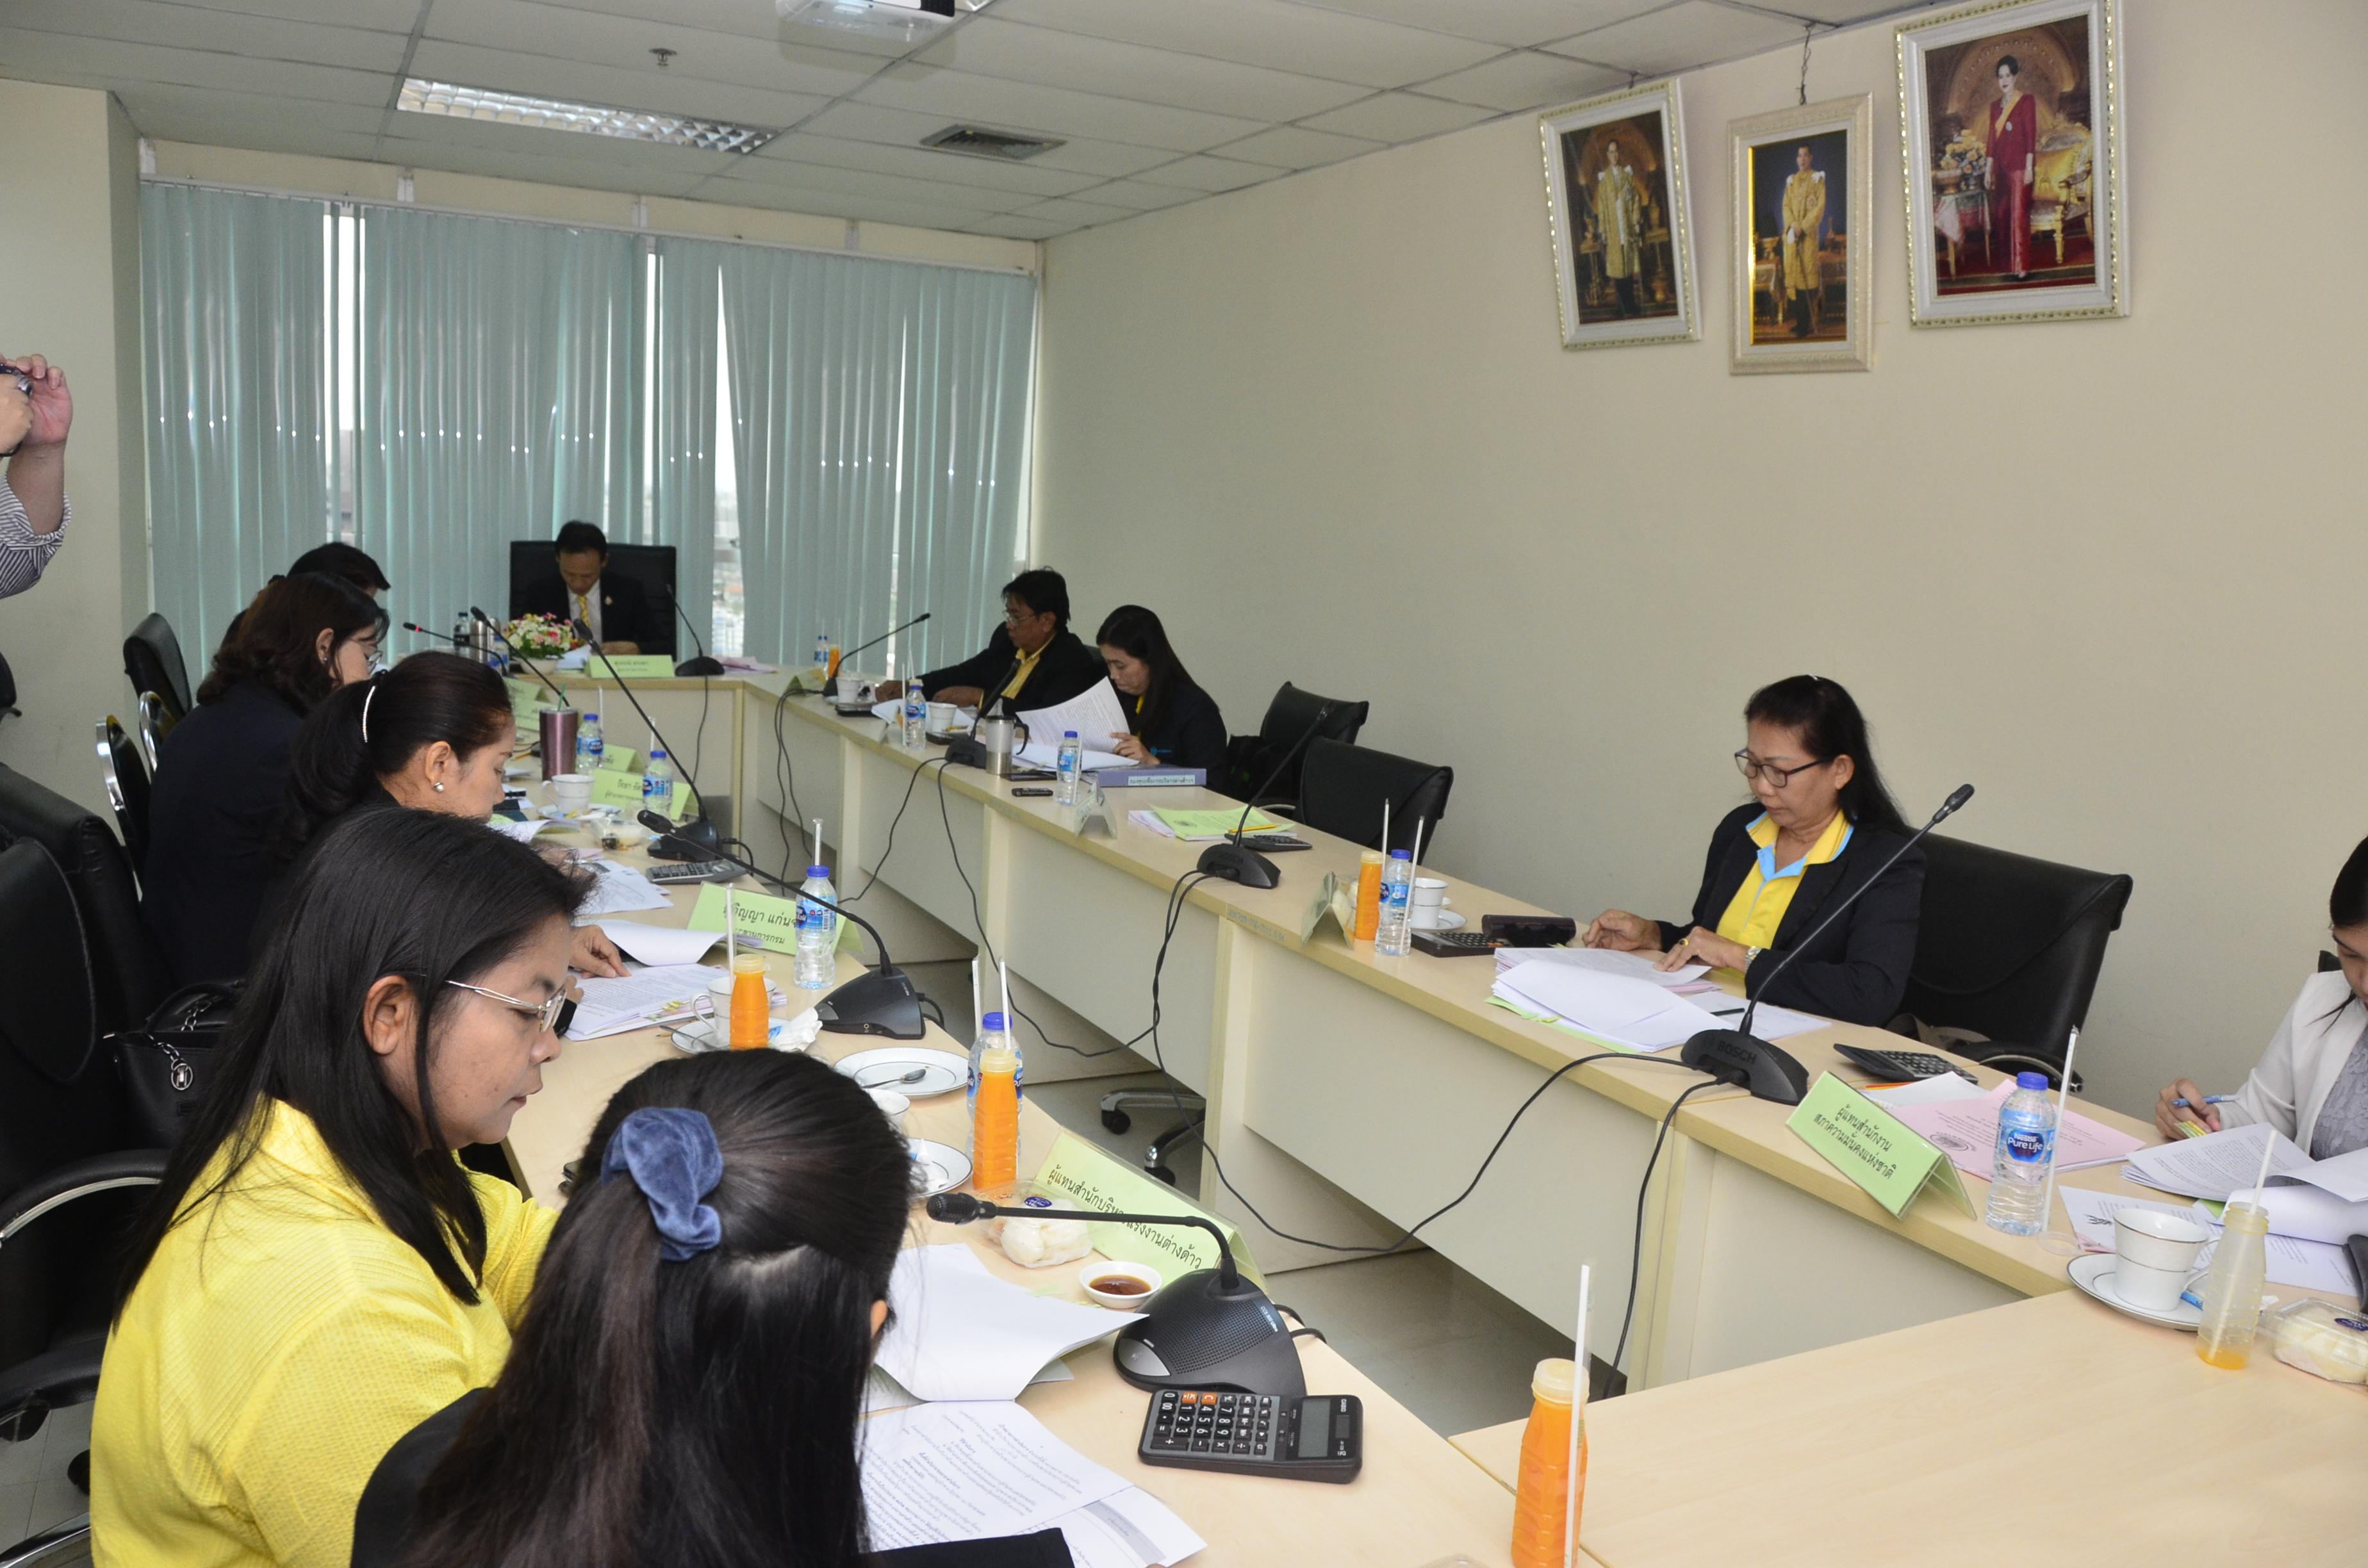 การประชุม คณะอนุกรรมการพิจารณากลั่นกรองการจัดสรรเงินกองทุนเพื่อการบริหารจัดการ การทำงานของคนต่างด้าว ครั้งที่ 5/2562